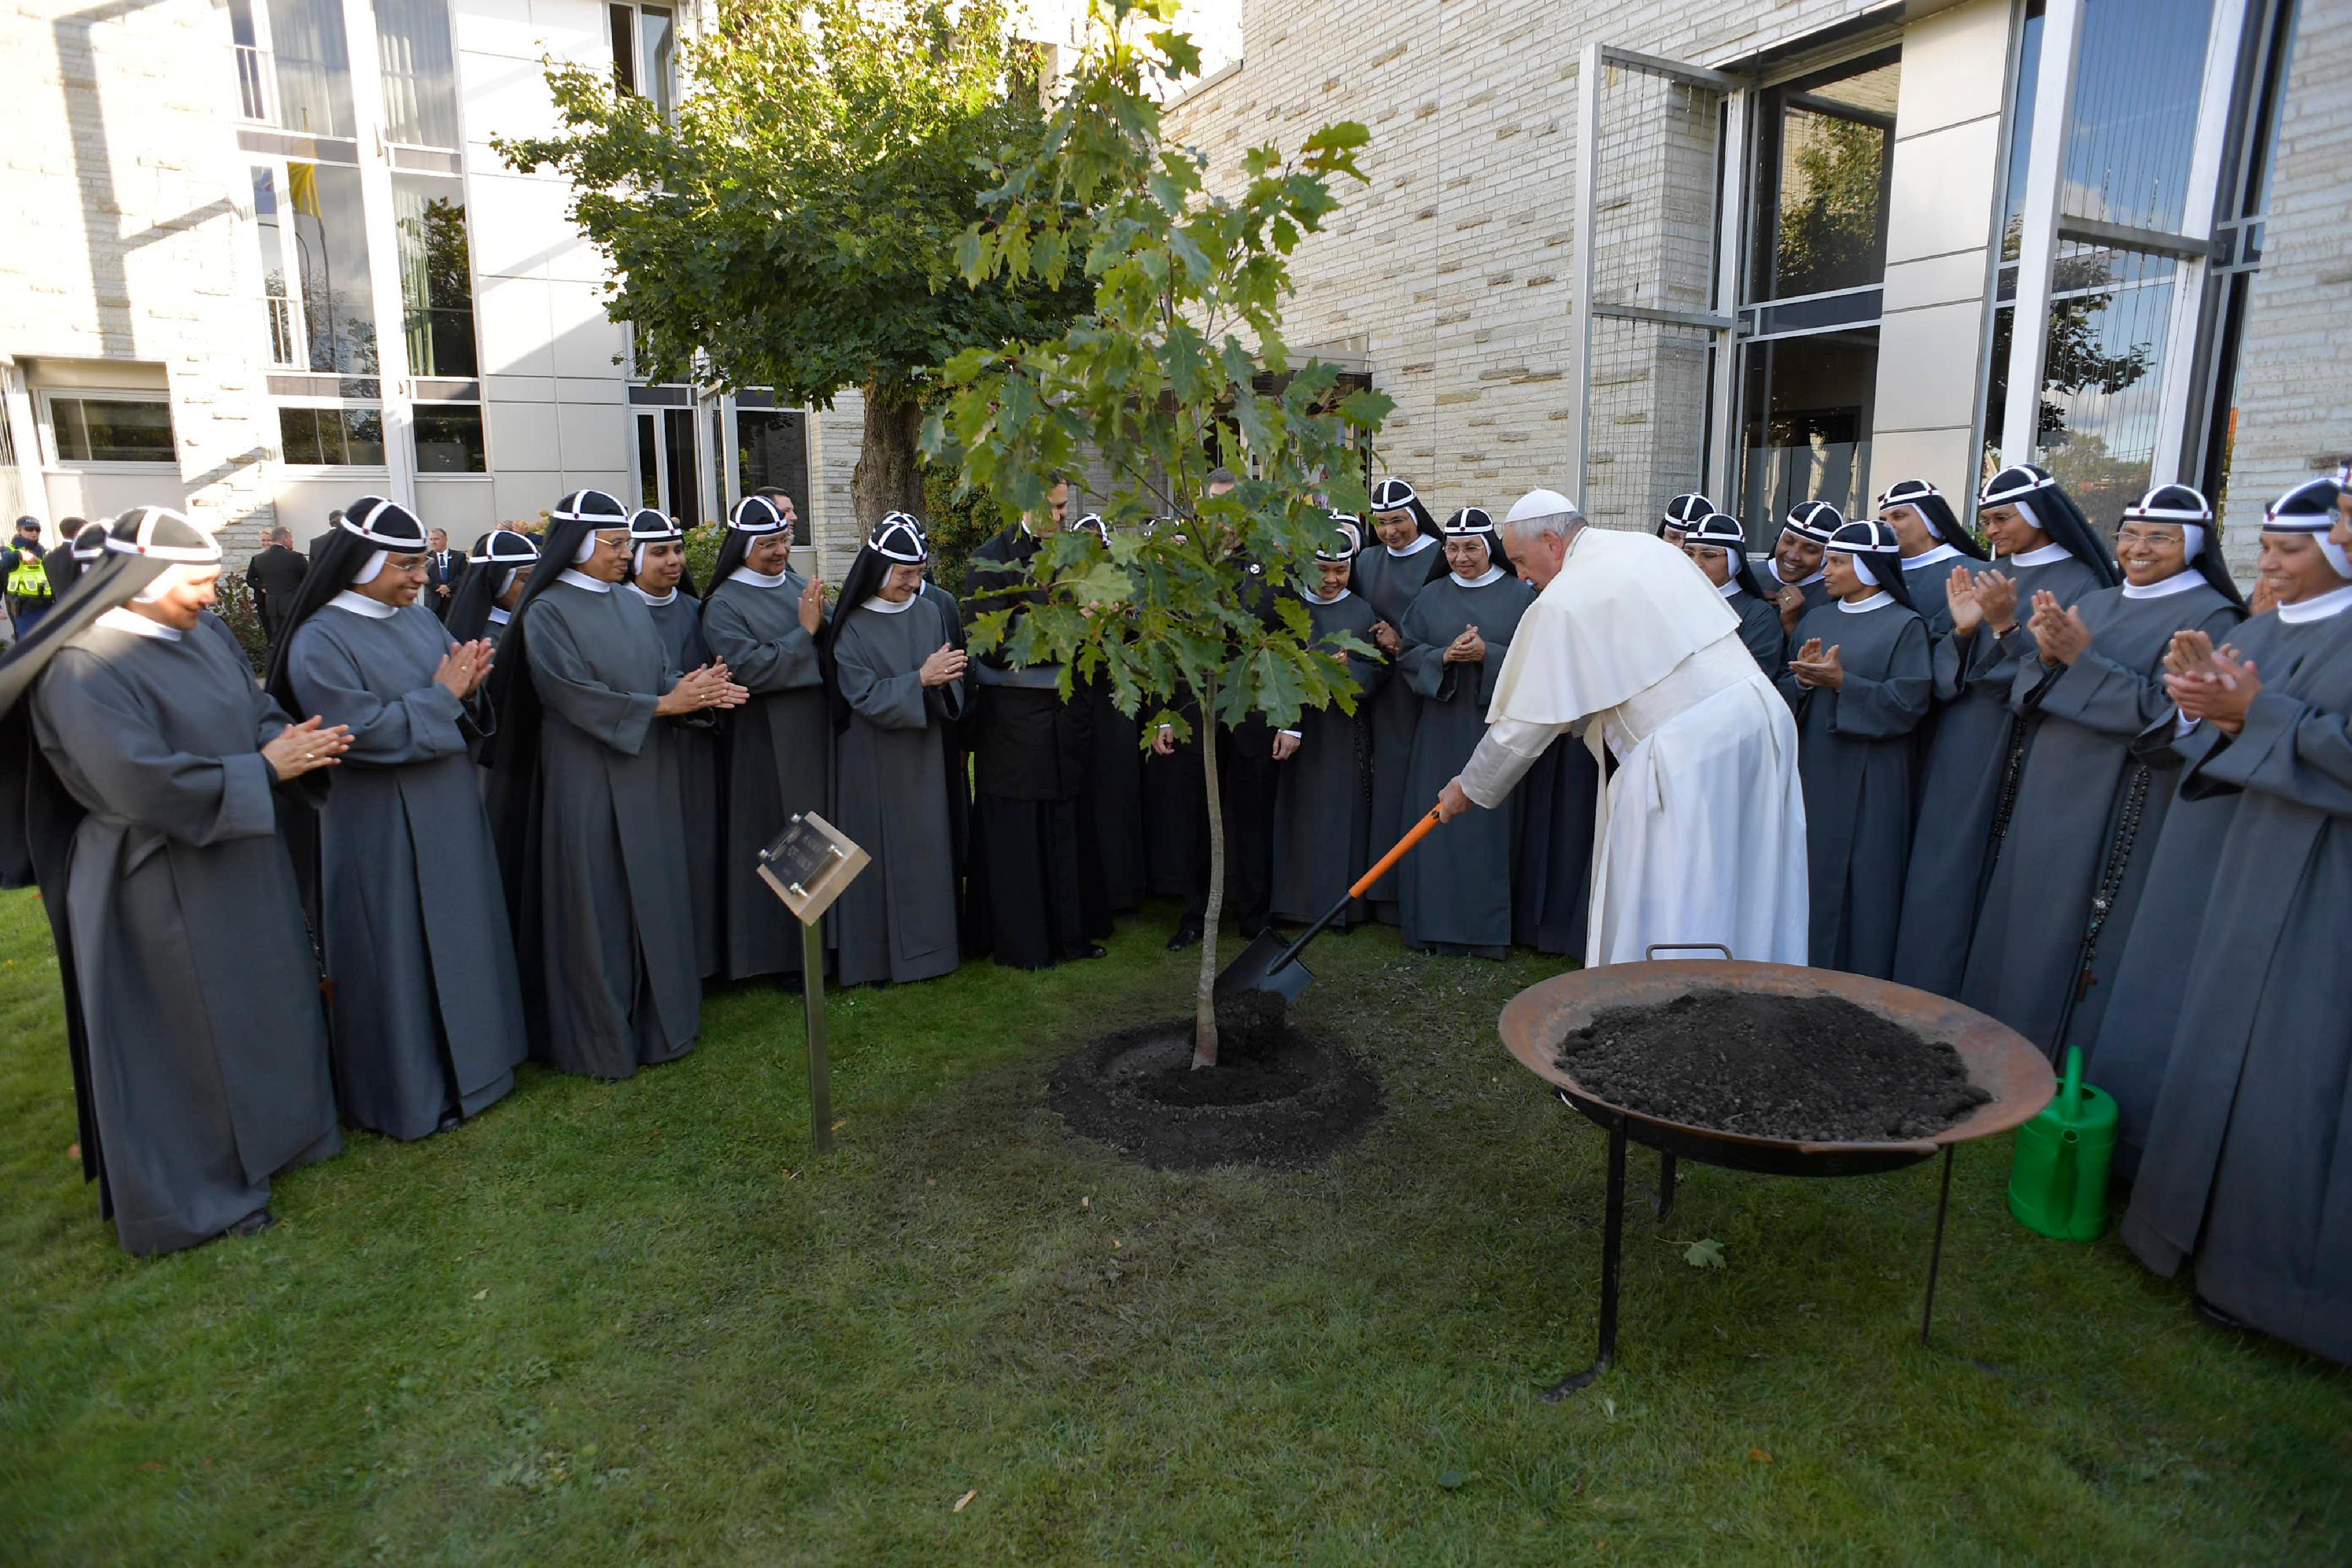 Déjeuner chez les soeurs de Sainte-Brigitte, Tallinn (Estonie) © Vatican News